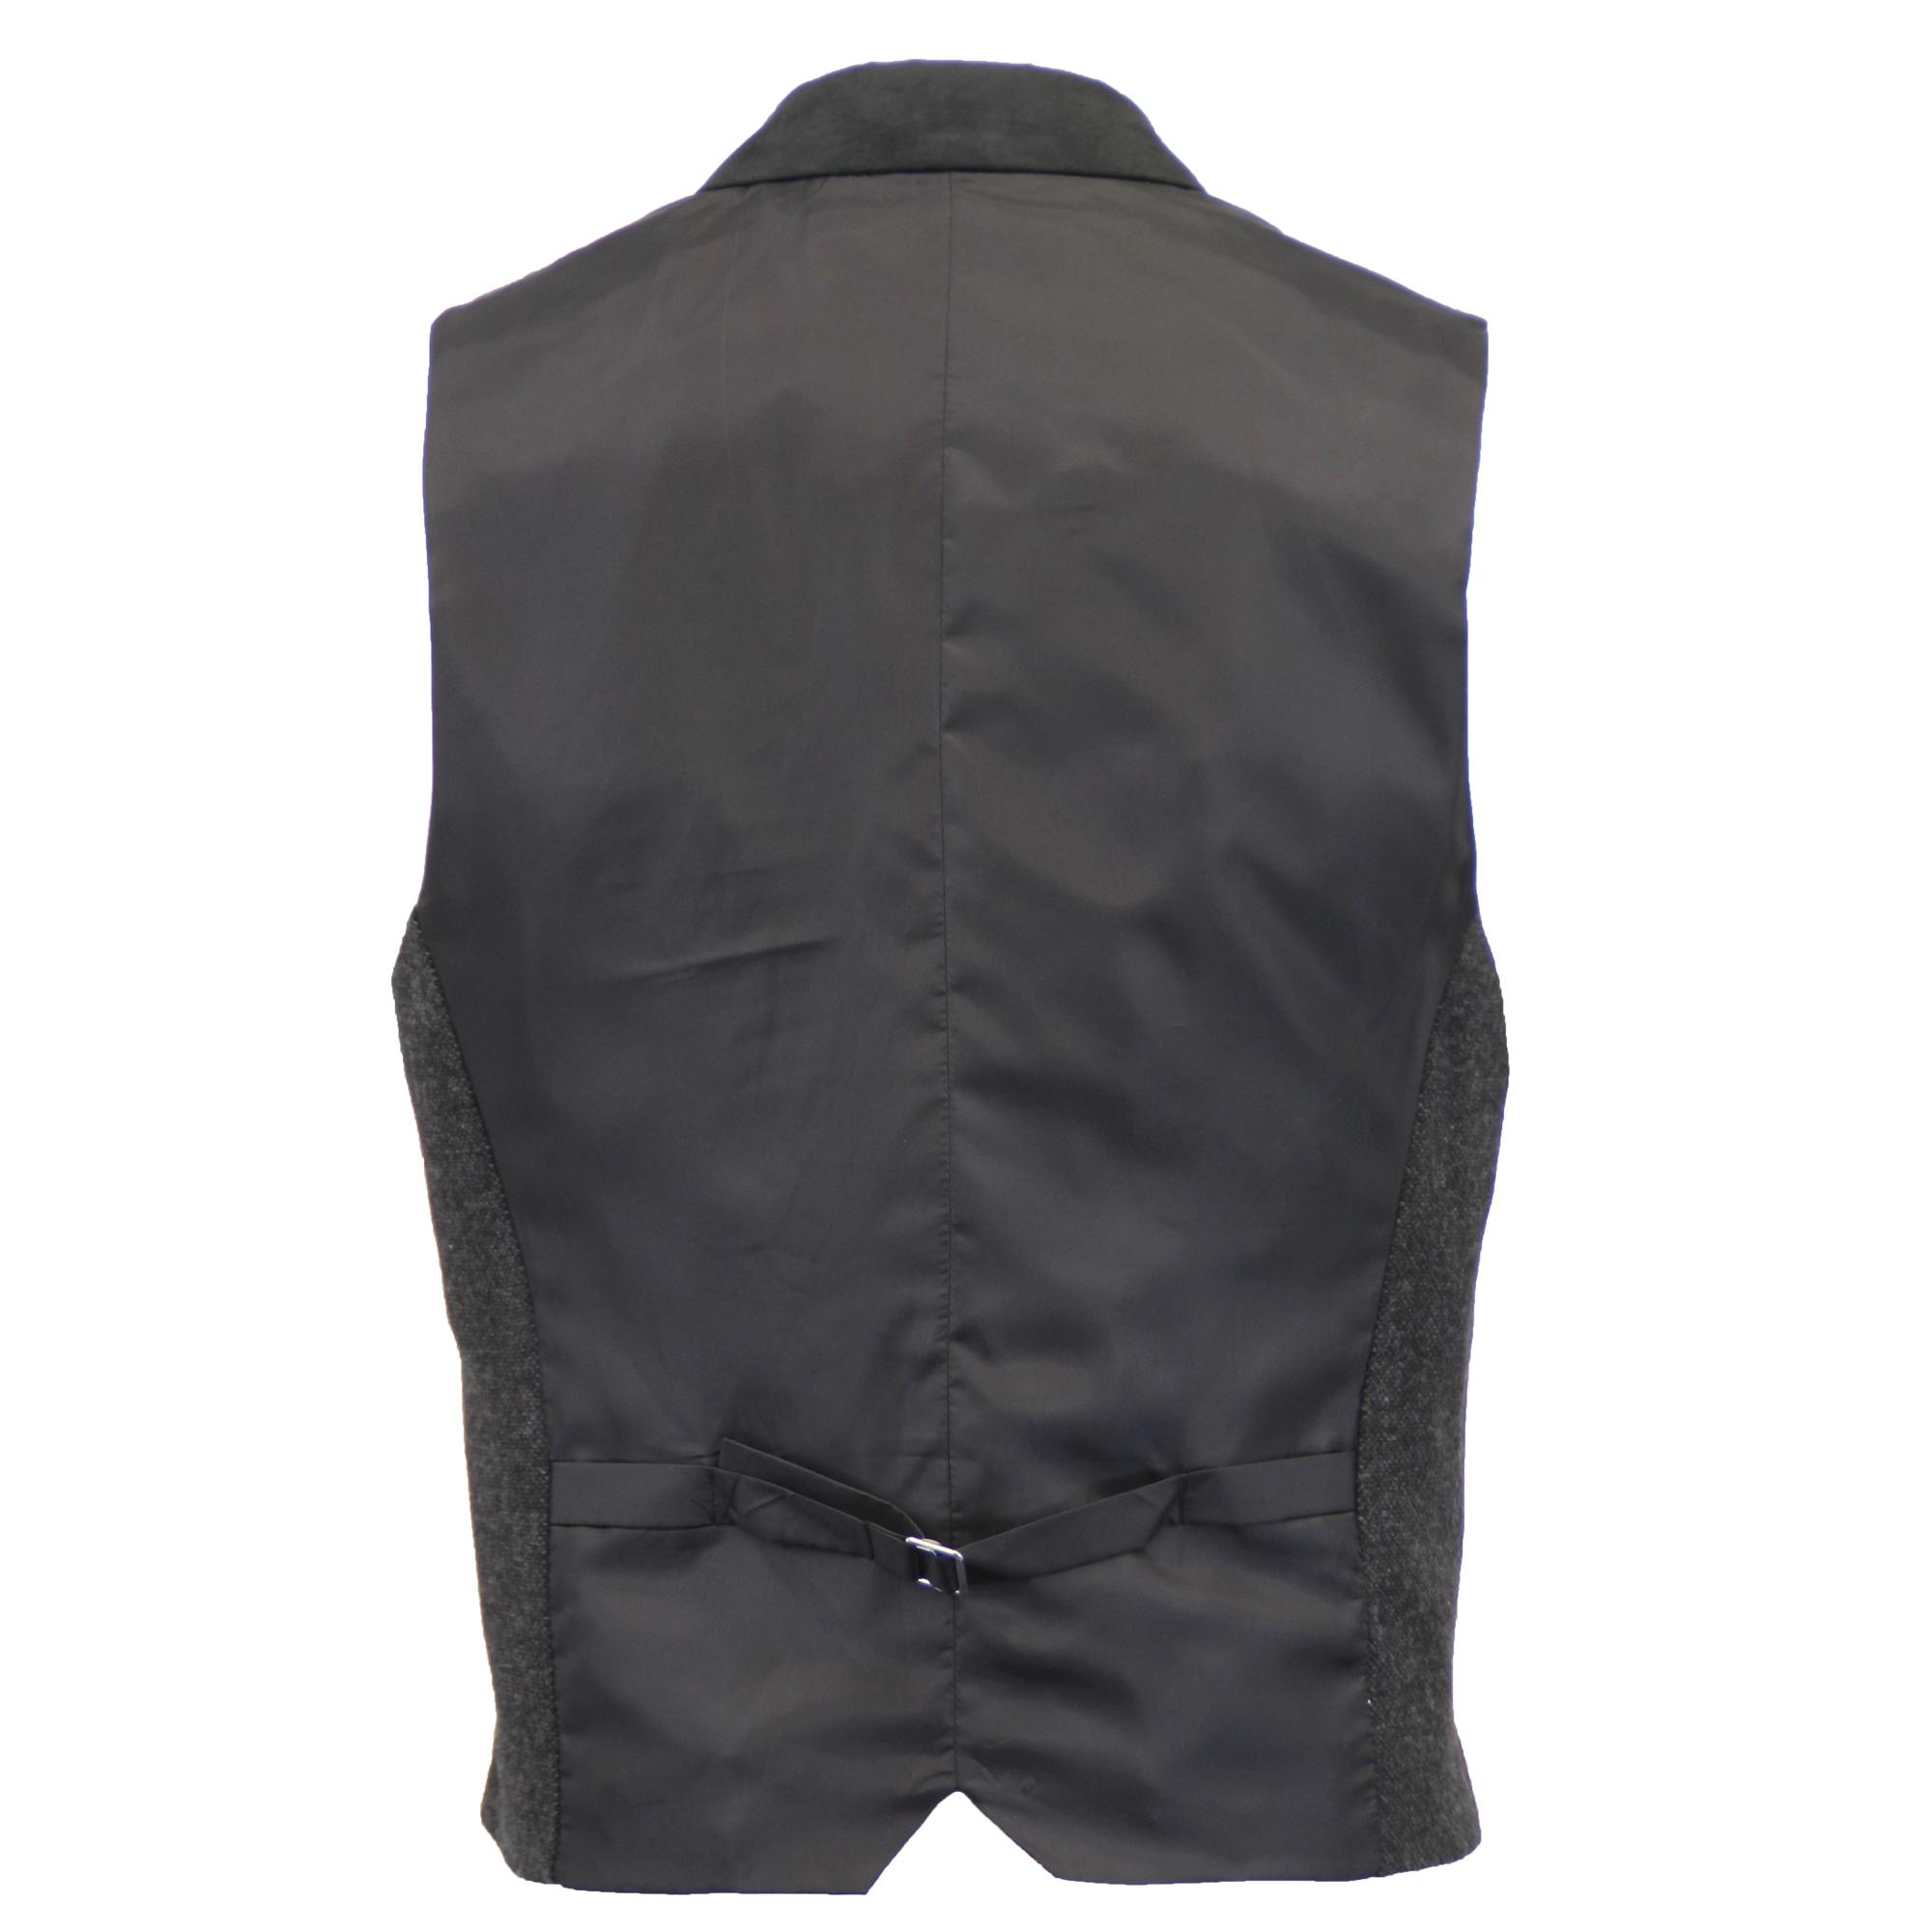 Mezcla-de-lana-para-hombre-mareno-Chaleco-Chaleco-Formal-Herringbone-Tweed-Cuadros-Forrado-de miniatura 12